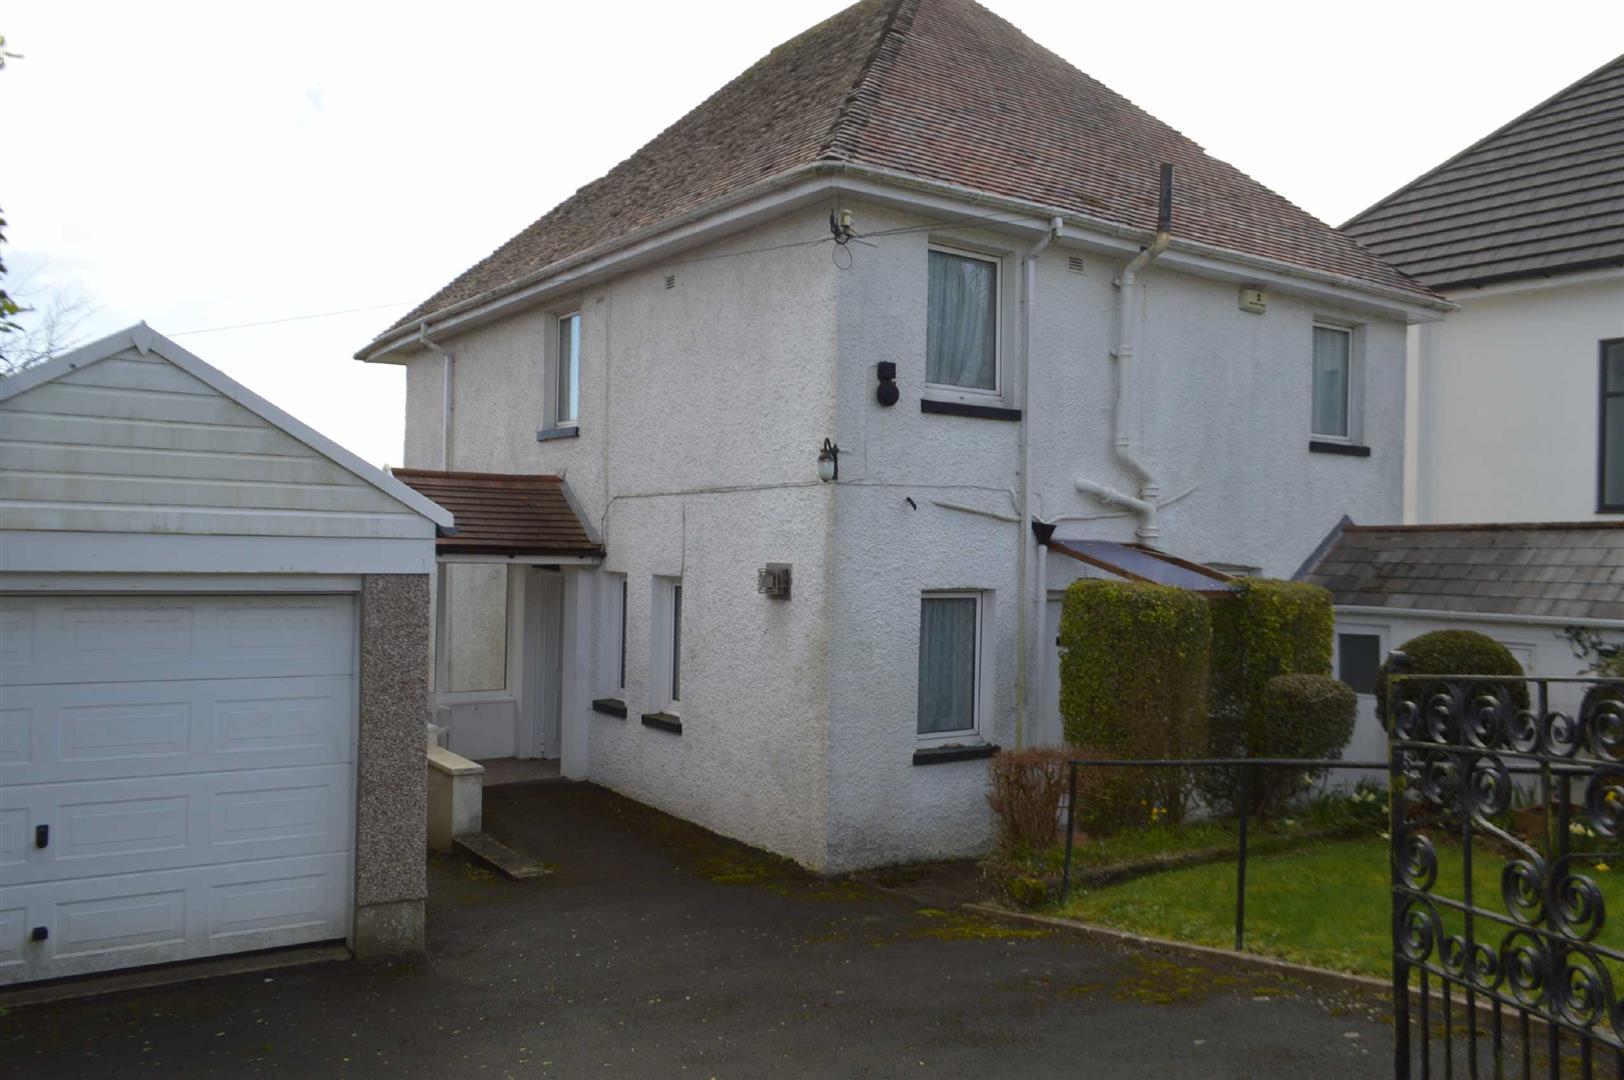 Glynderwen Crescent, Derwen Fawr, Swansea, SA2 8EH